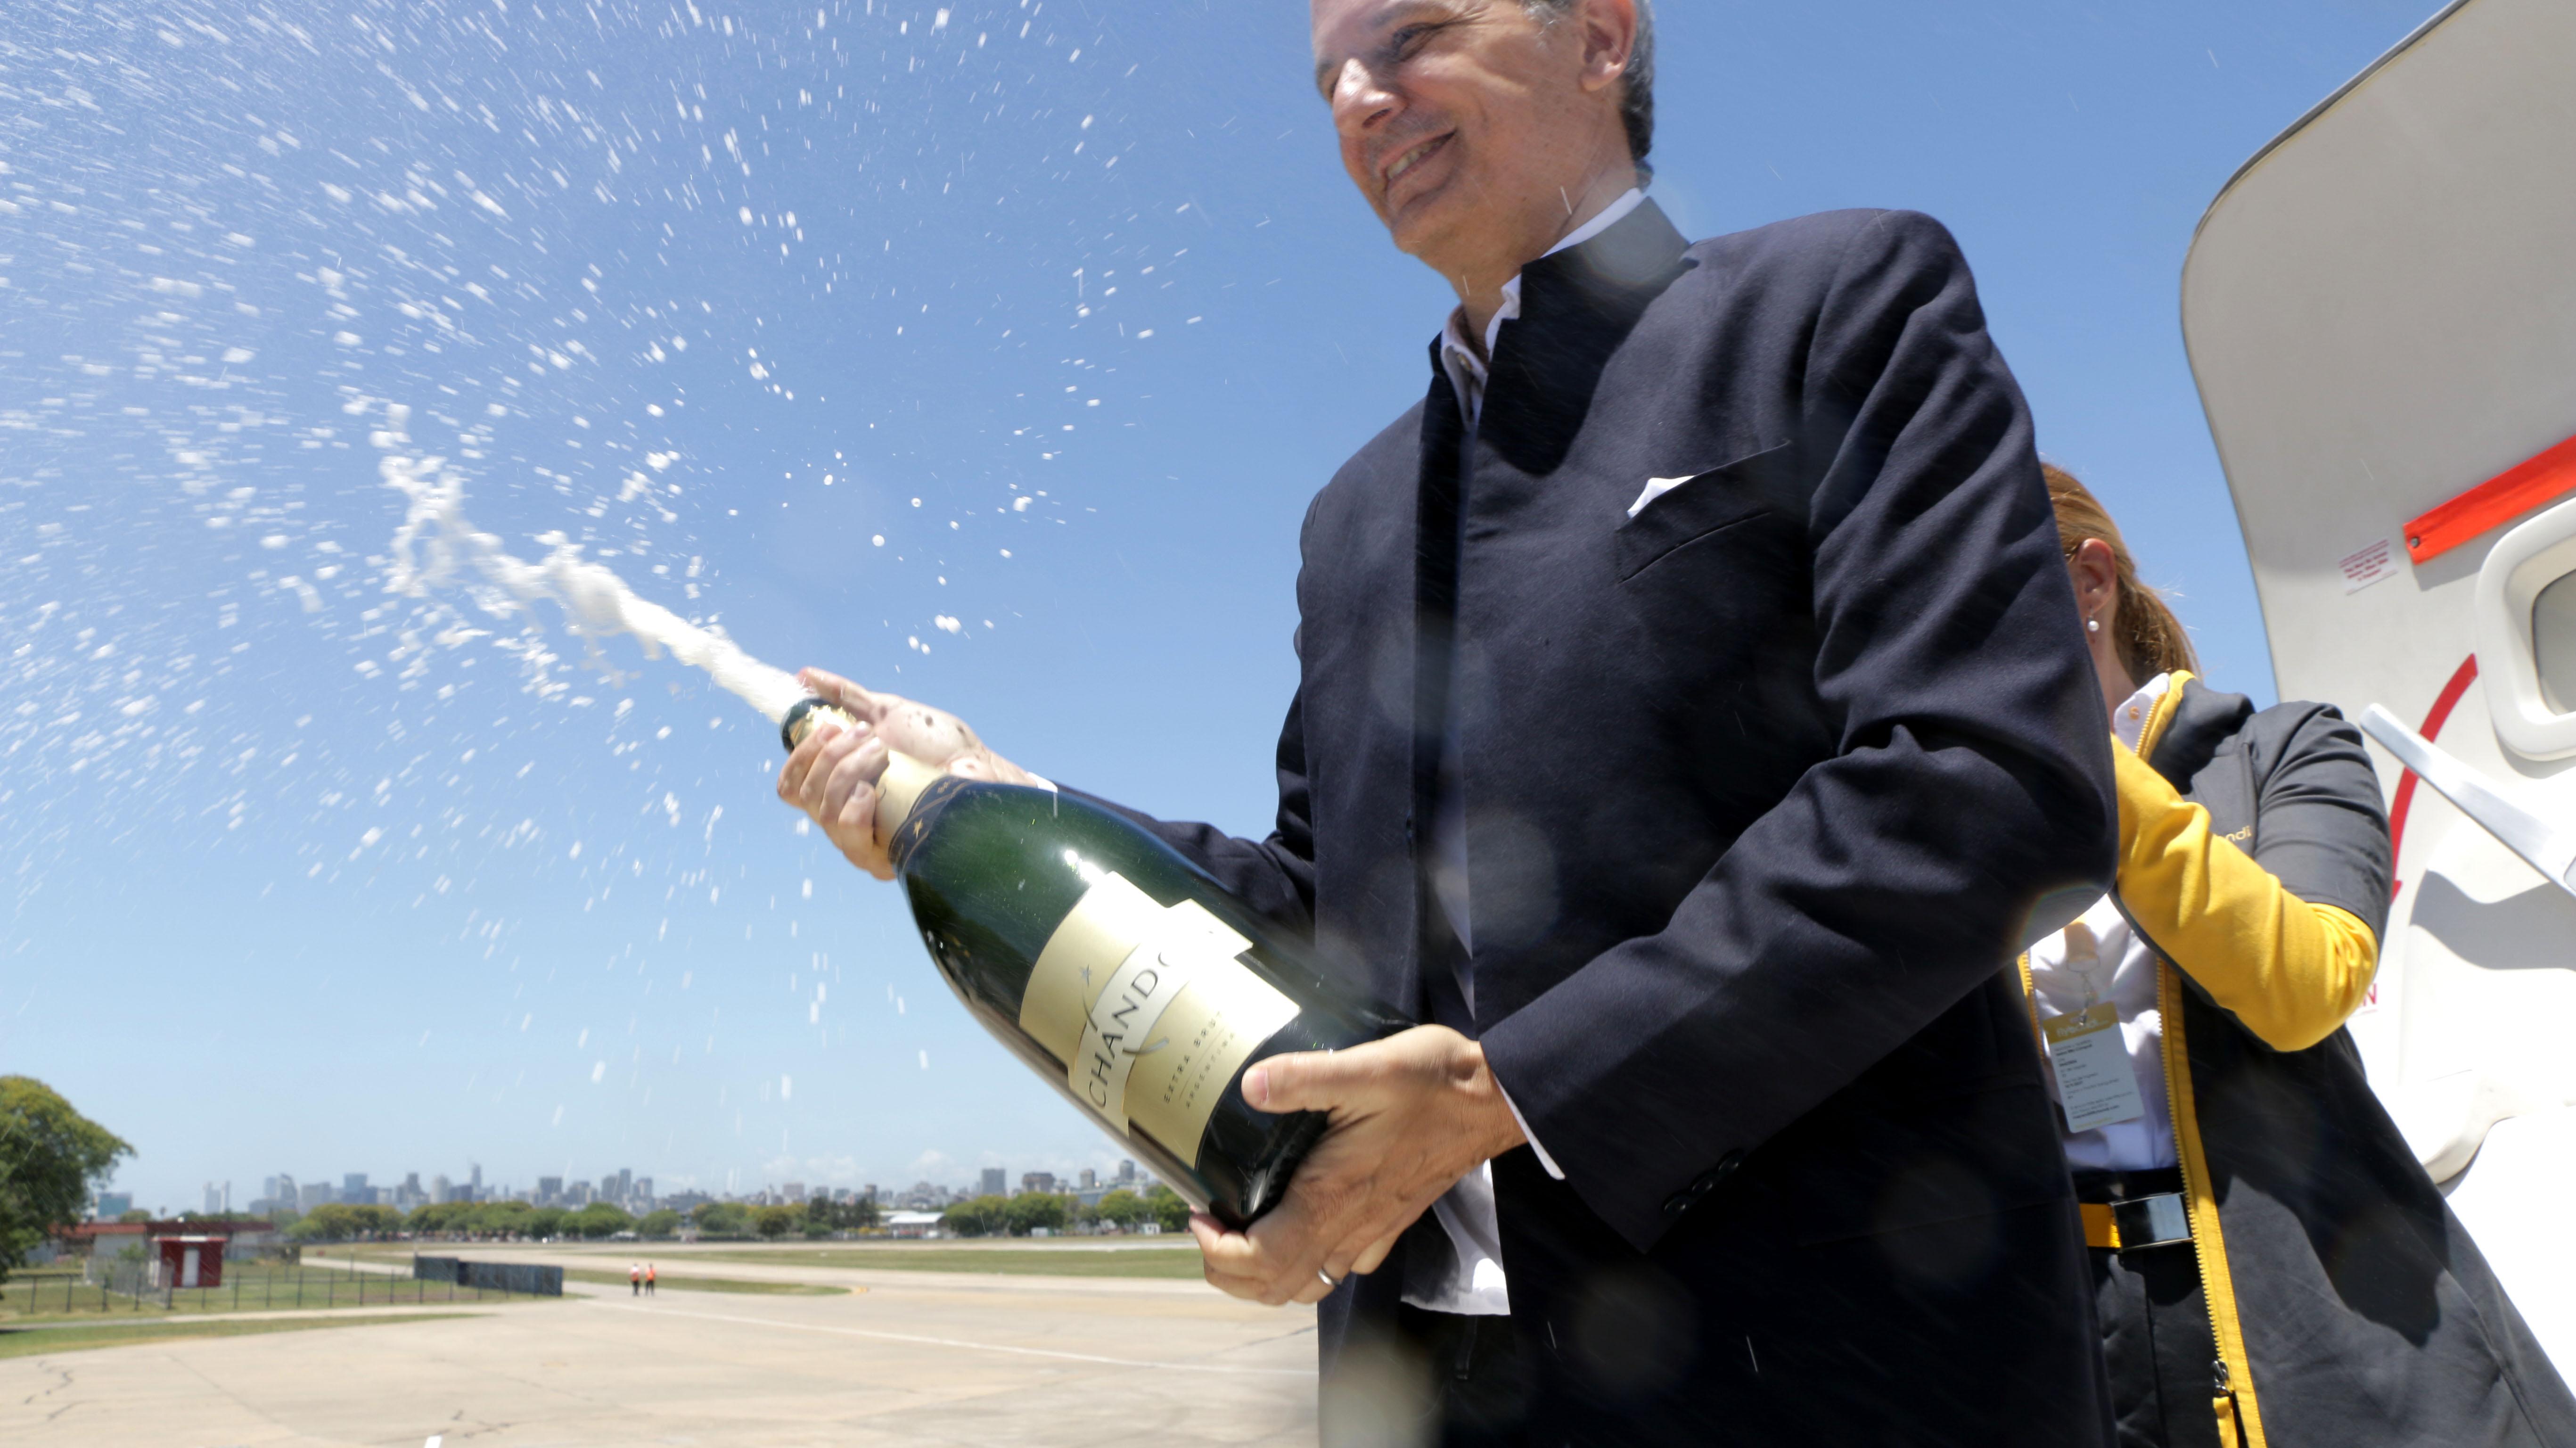 El bautismo del nuevo avión a manos de Cook, CEO de la empresa, con la apertura de una botella de champagne como una tradición en la industria de aeronavegación comercial